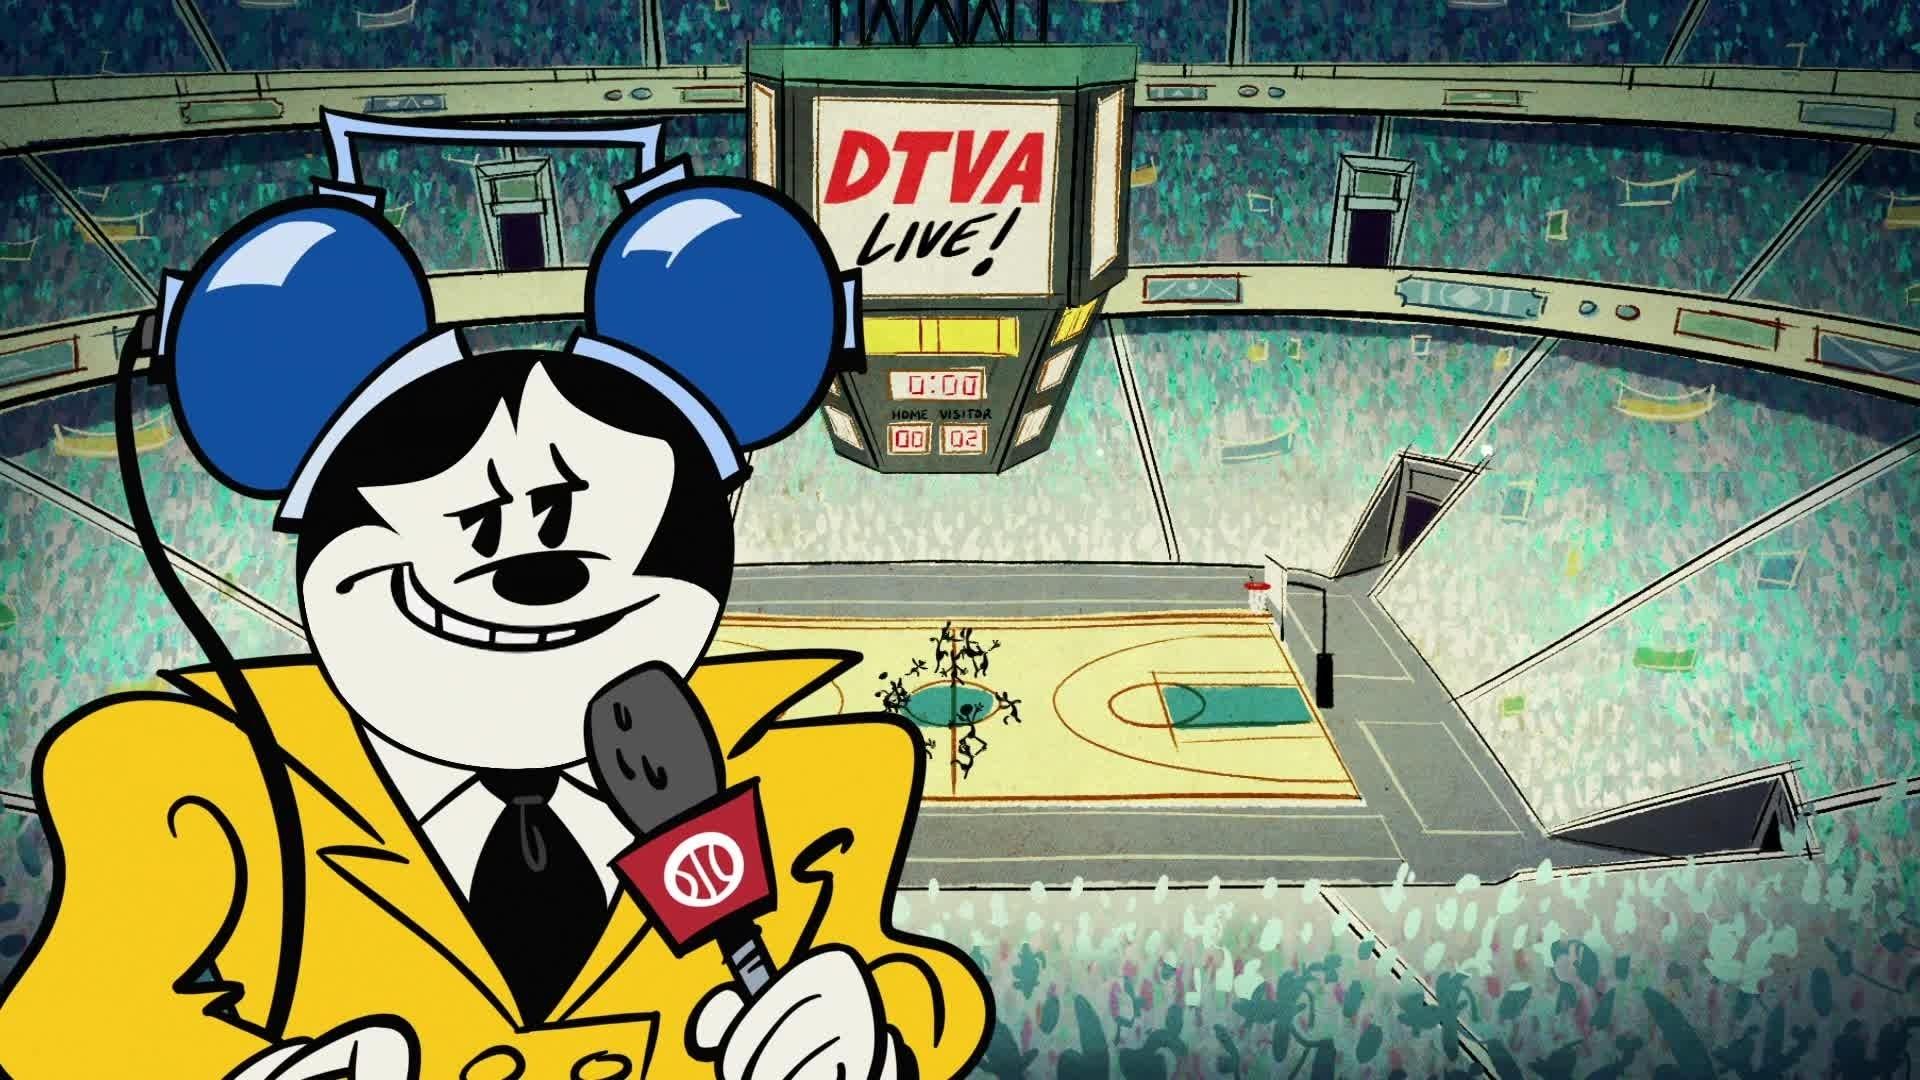 Mickey Mouse - De l'esprit sportif entre athlètes